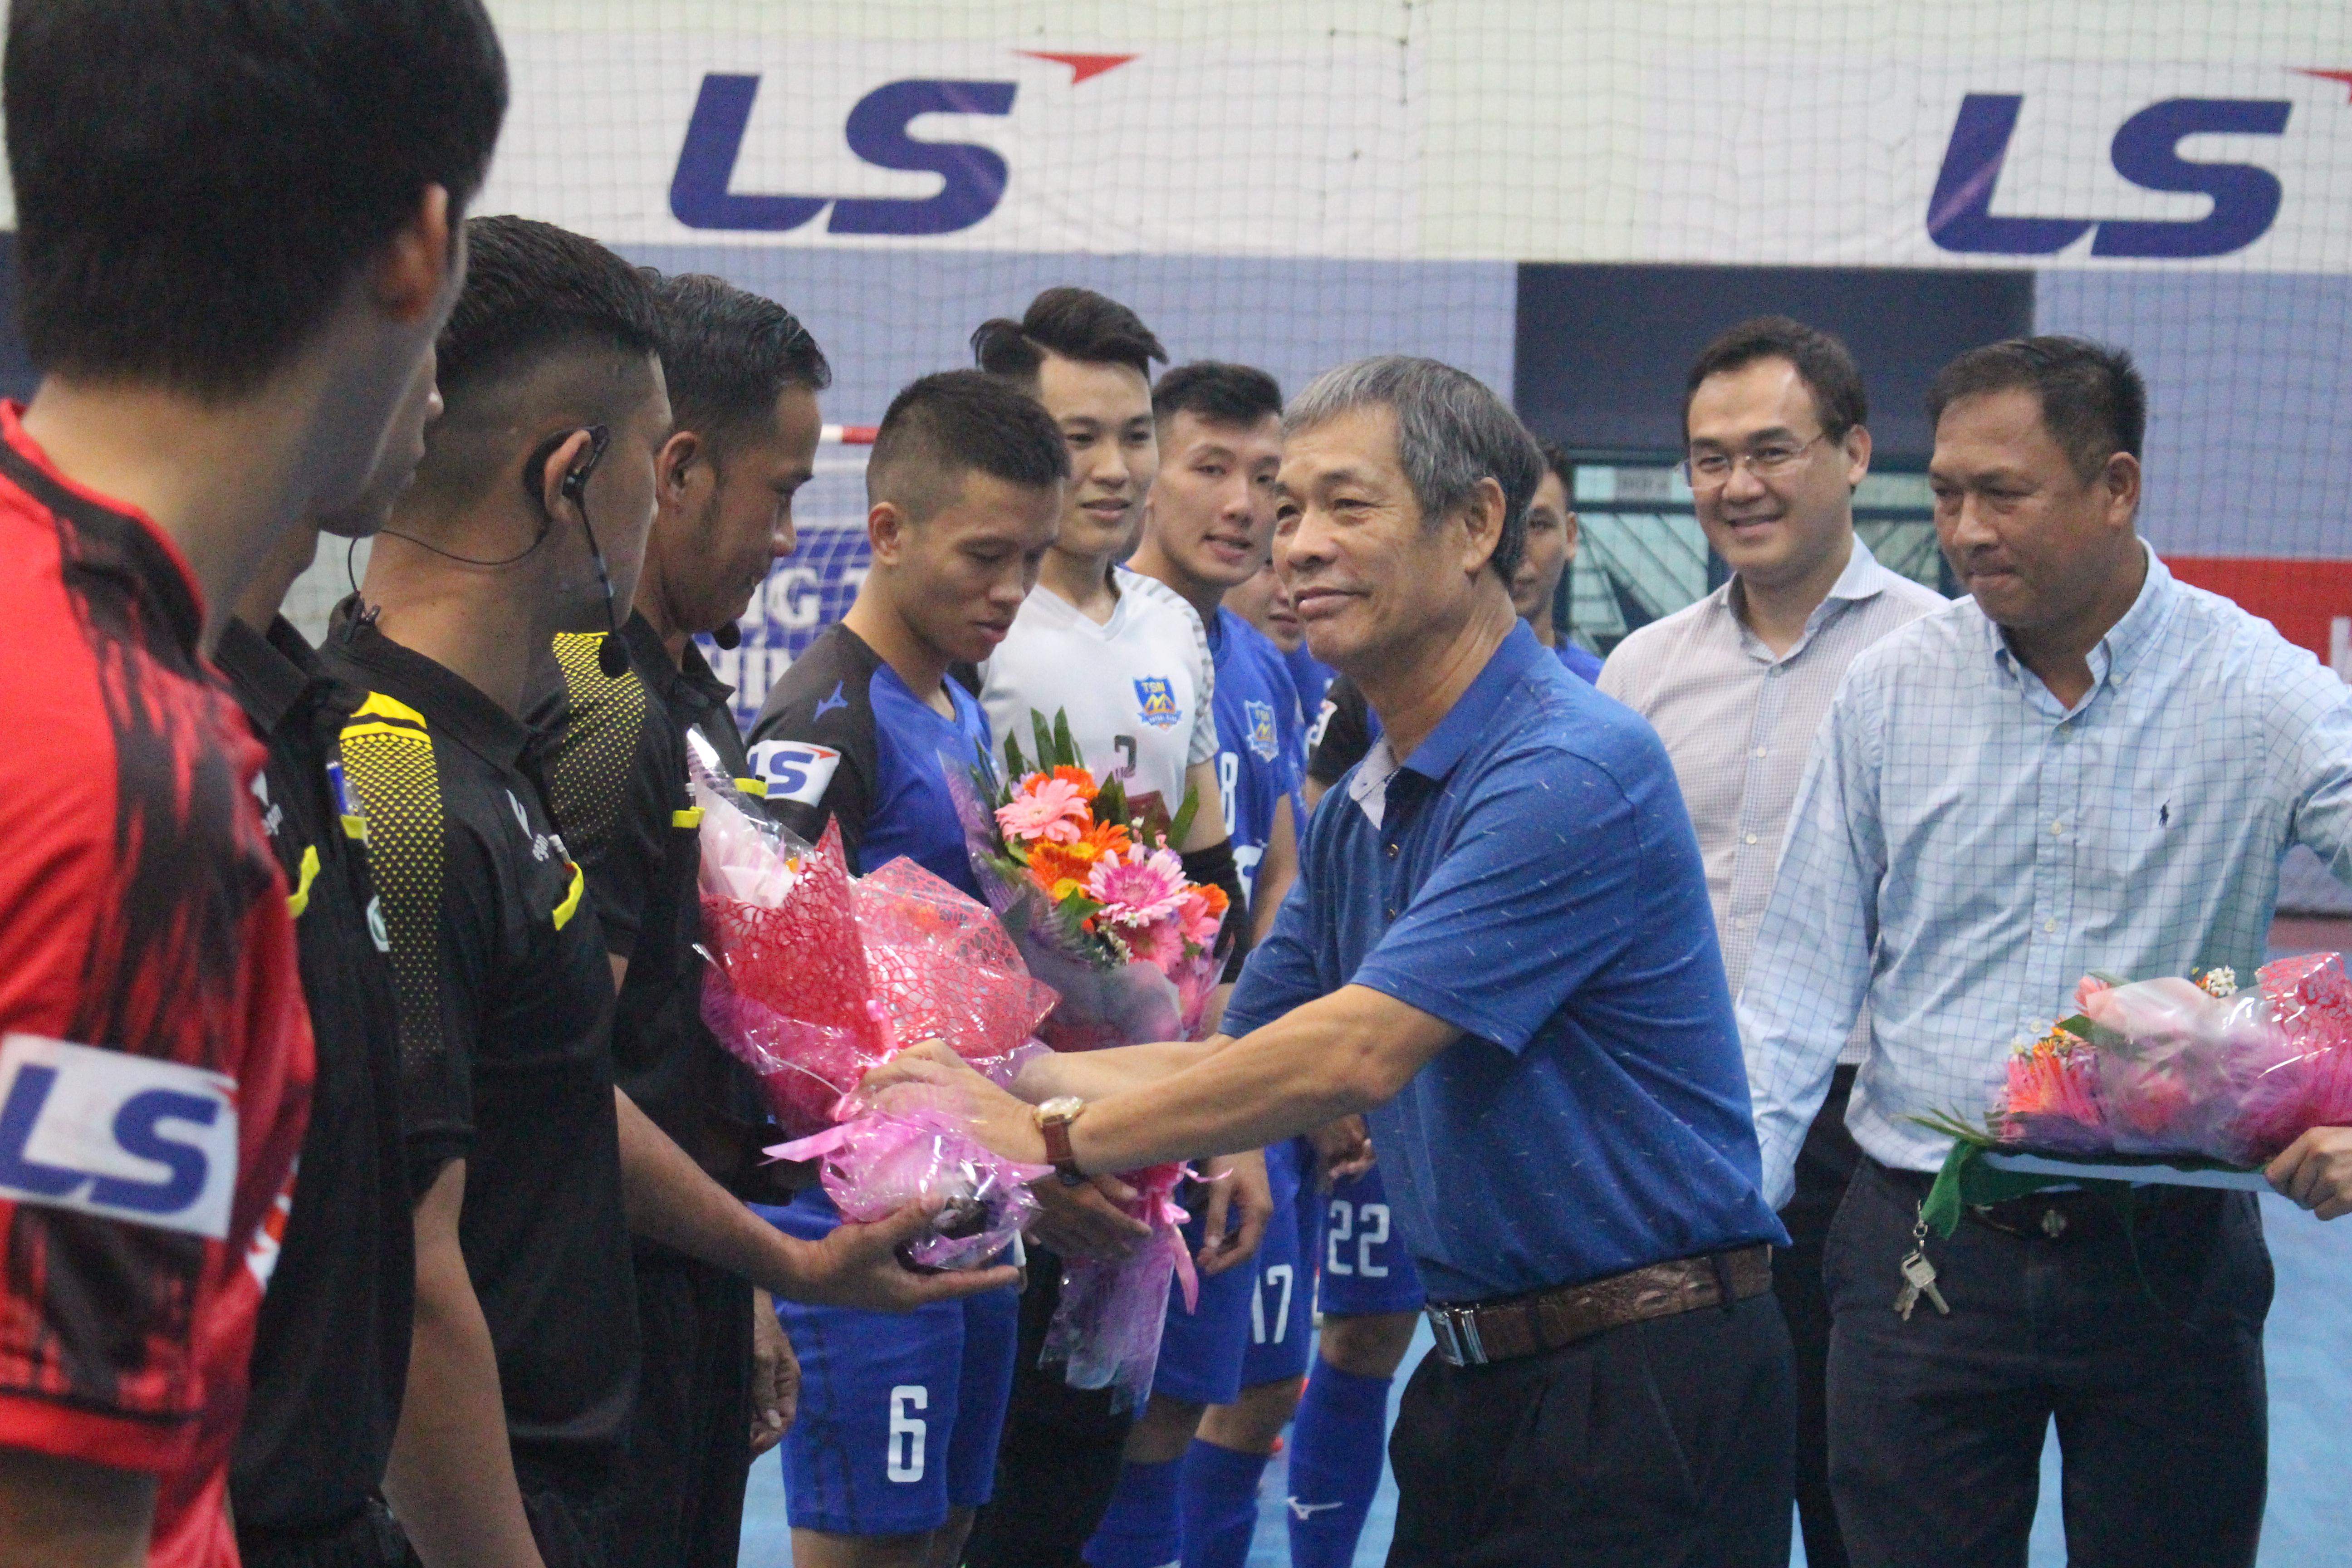 Hình ảnh: Giải Futsal TPHCM Mở rộng Năm 2020 - Cúp LS lần thứ 14: Hấp dẫn ngày khởi tranh số 1